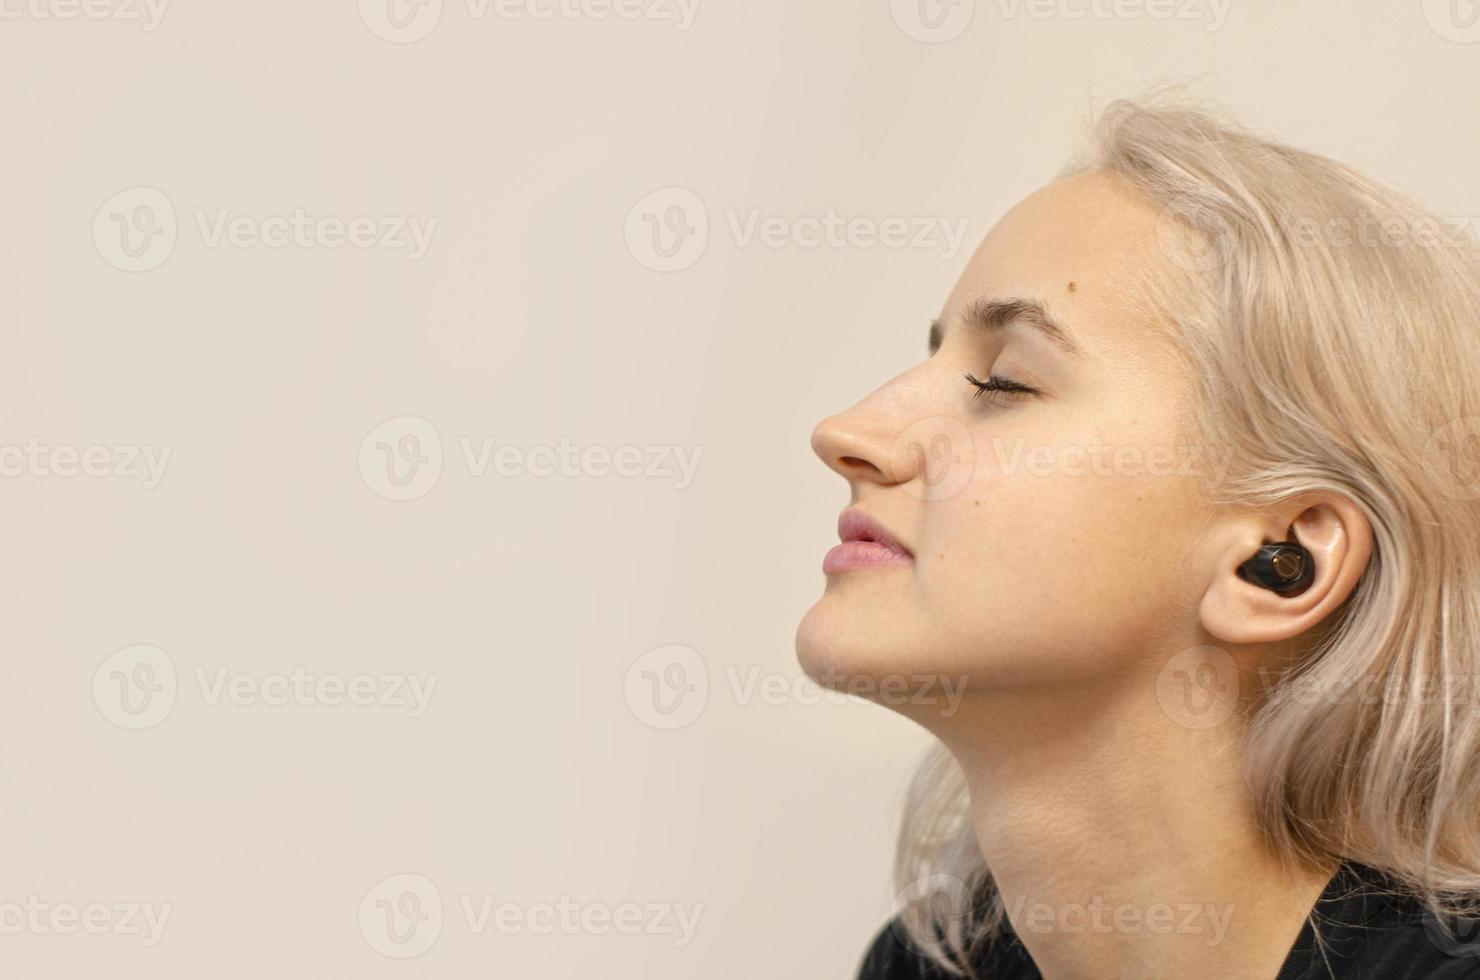 flicka tycker om musik i trådlösa hörlurar. modern teknik. foto